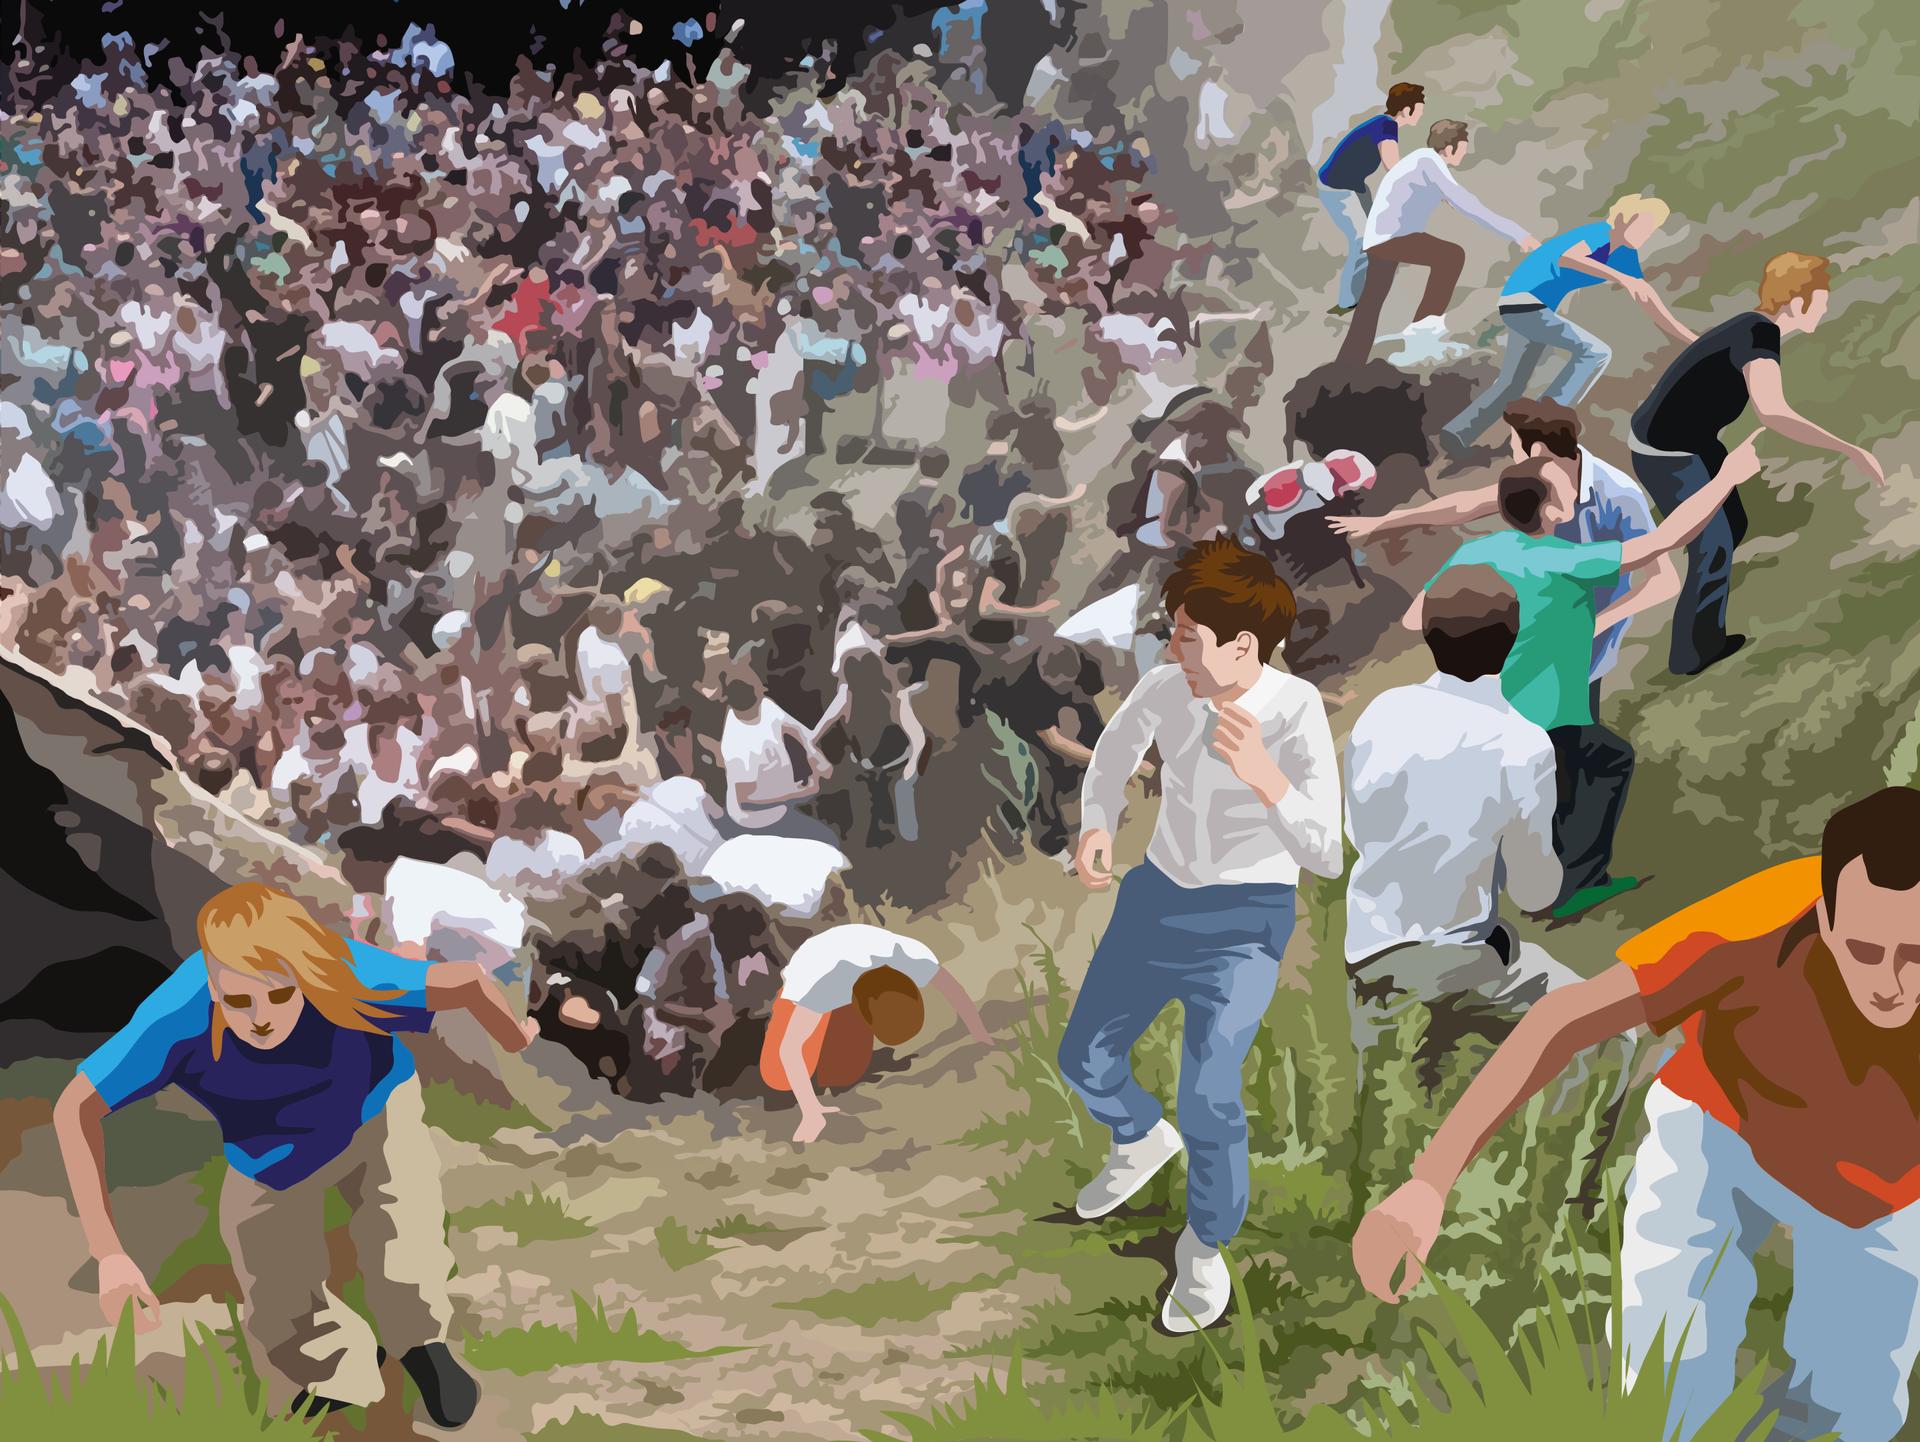 Malowidło przedstawiające spanikowany tłum iludzi usiłujących wydostać się zobszaru zagrożenia przedstawionego jako tunel, dół lub parów pełen stłoczonych postaci. Nieliczni ludzie, którym udaje się wspiąć na skarpę uciekają dalej lub obracają się, patrząc na tych, którzy są za nimi. Ludzie wdole tratują się nawzajem. Malowidło zostało wykonane na bazie rzeczywistego zdjęcia przedstawiającego panikę na imprezie Love Parade wDuisburgu w2010 roku.